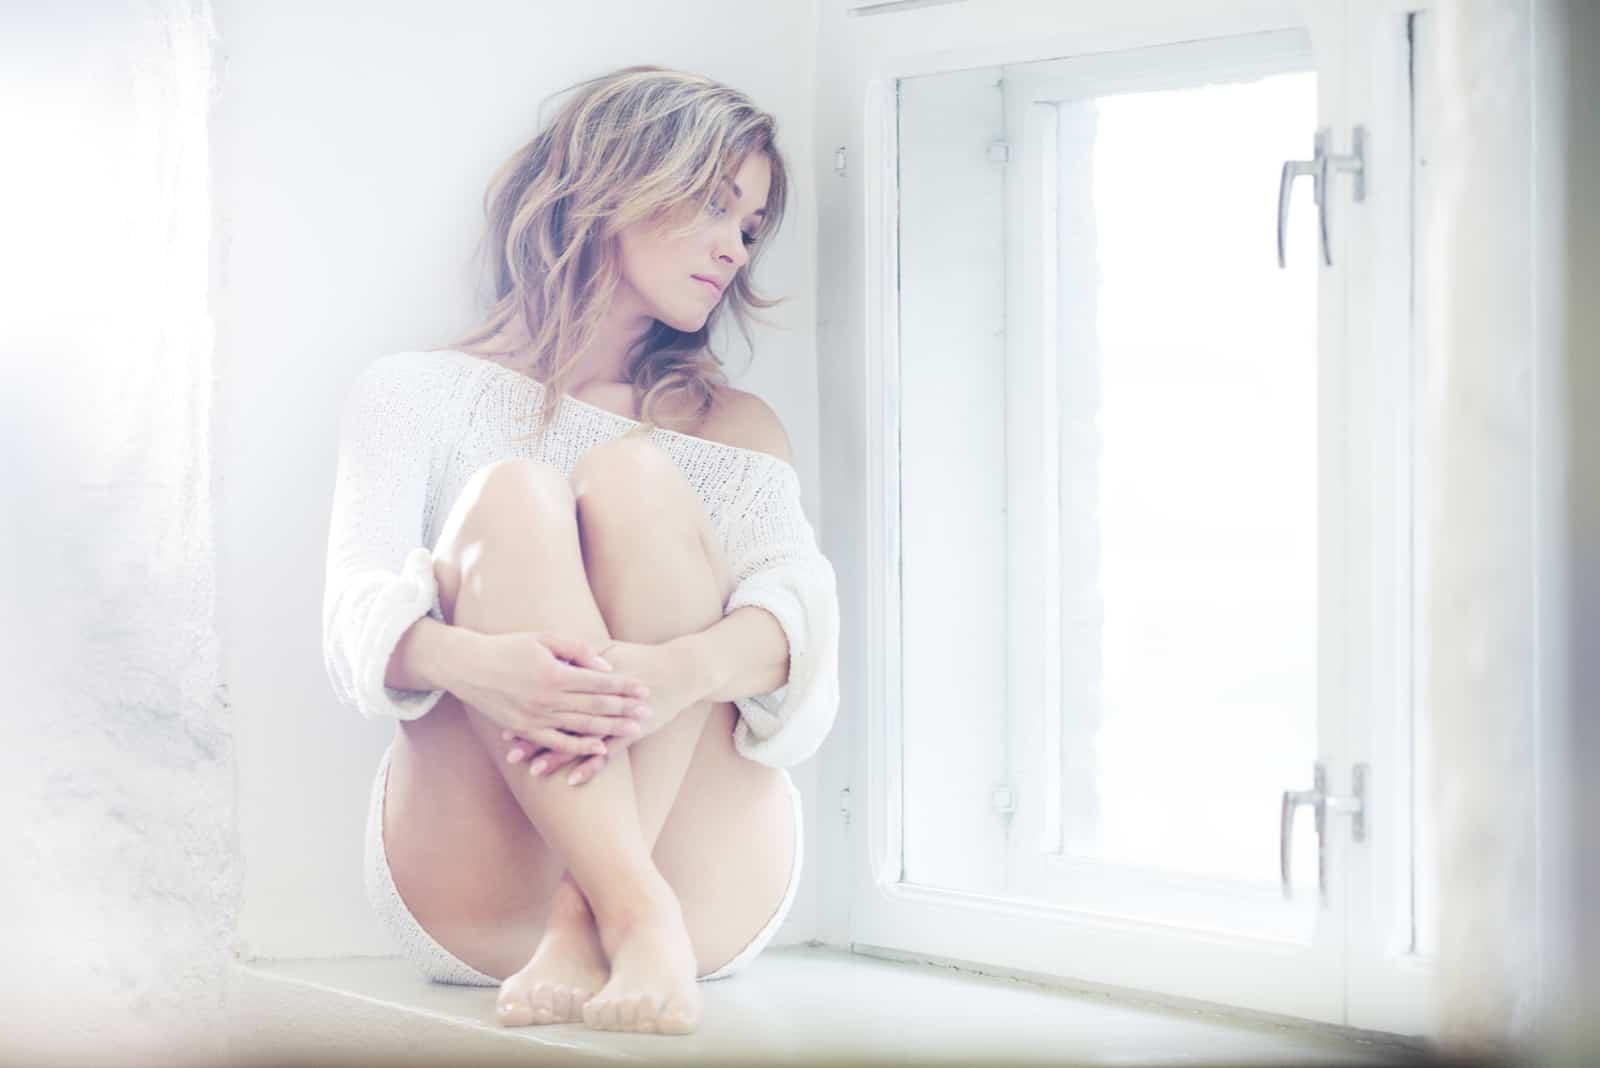 une femme imaginaire est assise et regarde par la fenêtre